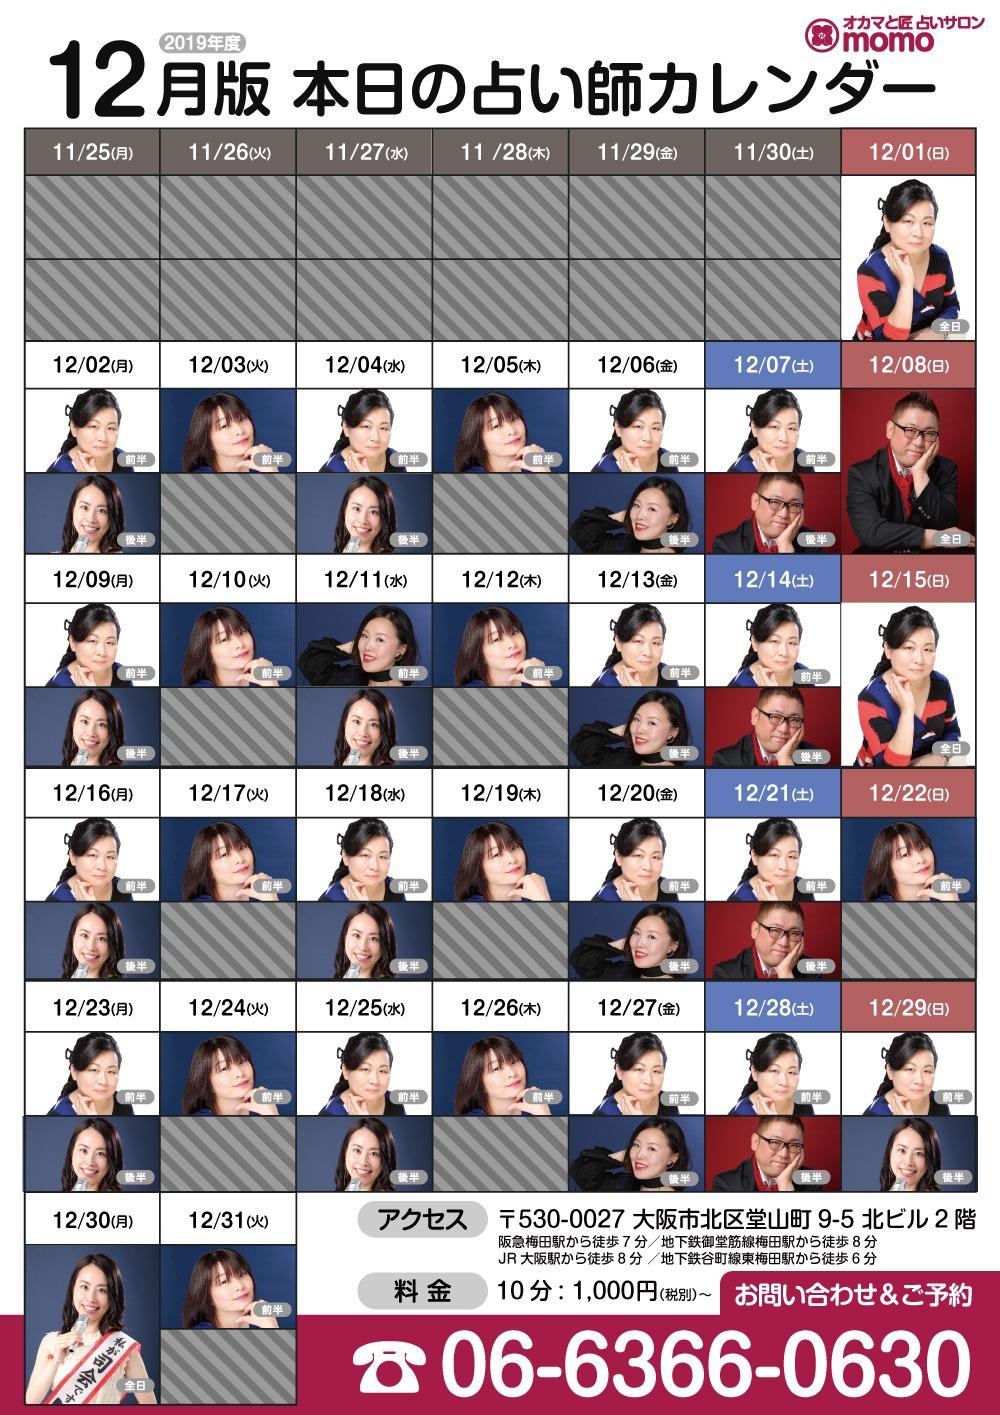 今月の占い師カレンダー 12月版